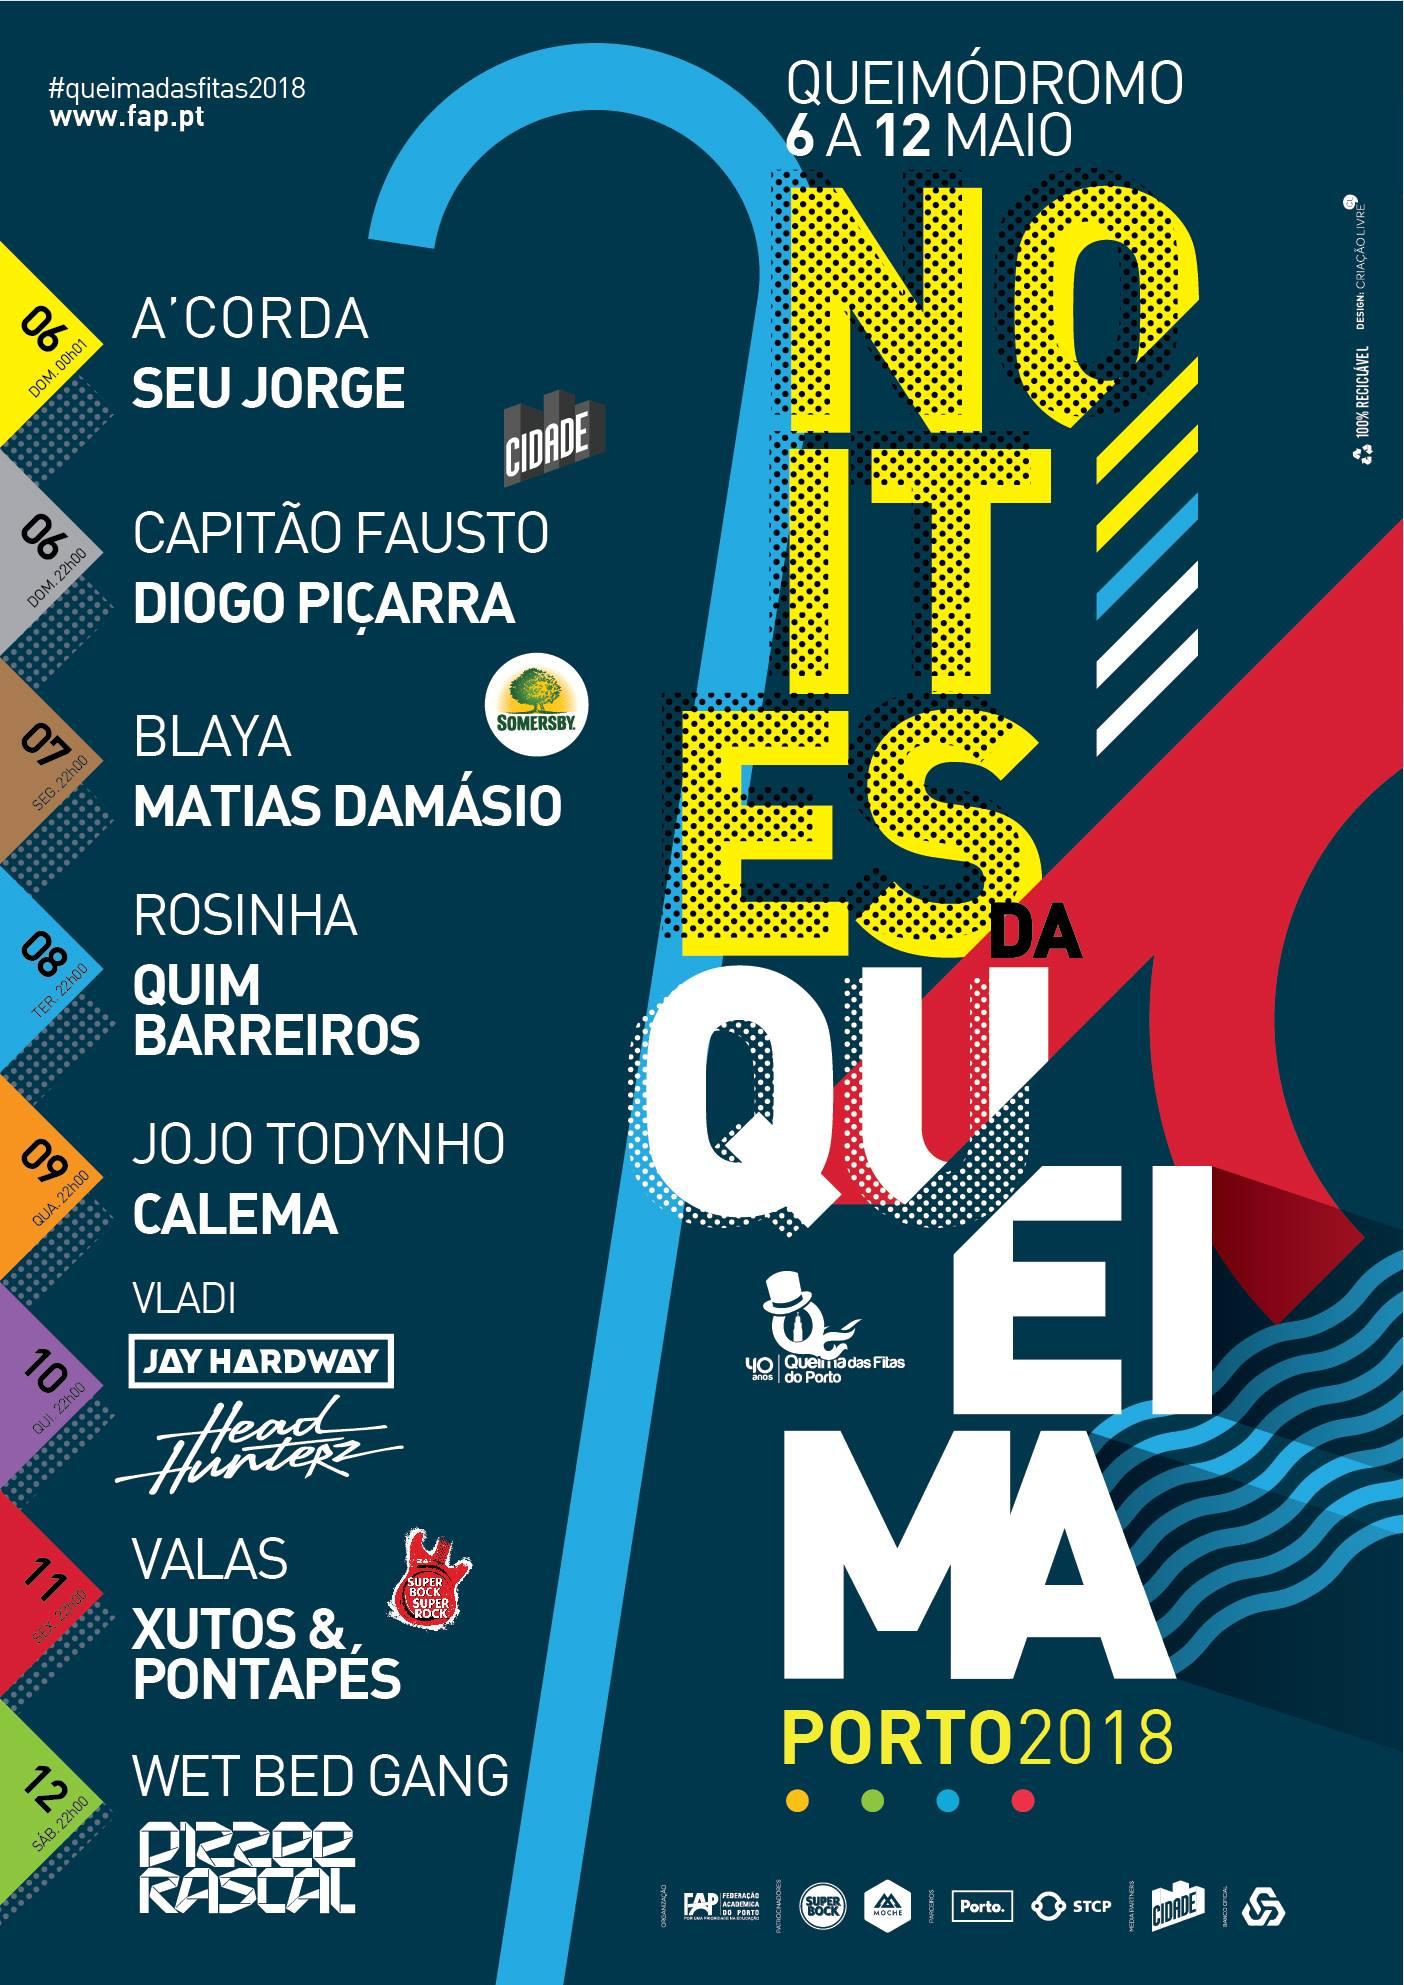 """""""Seu Jorge"""", """"Capitão Fausto"""" e """"Matias Damásio"""" são alguns dos destaques do cartaz deste ano."""